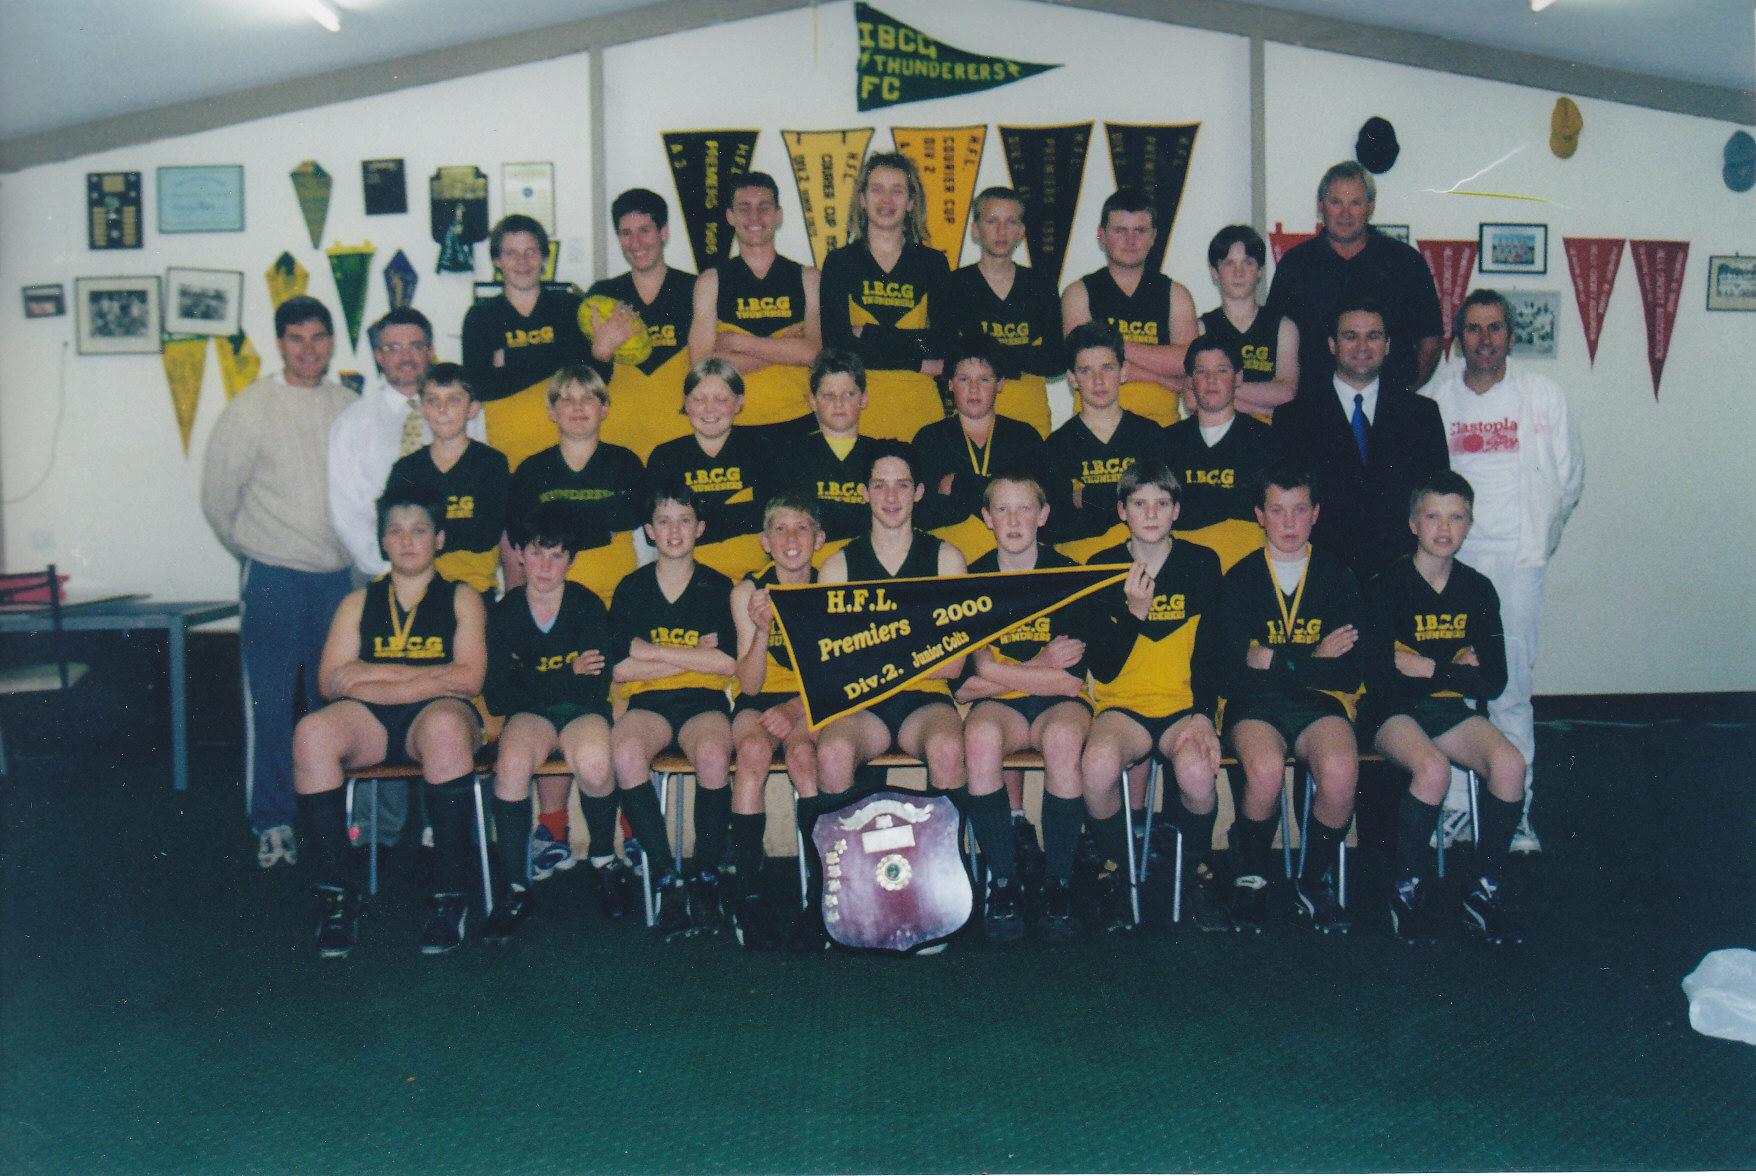 2000 Premiers u14 - Copy.jpg